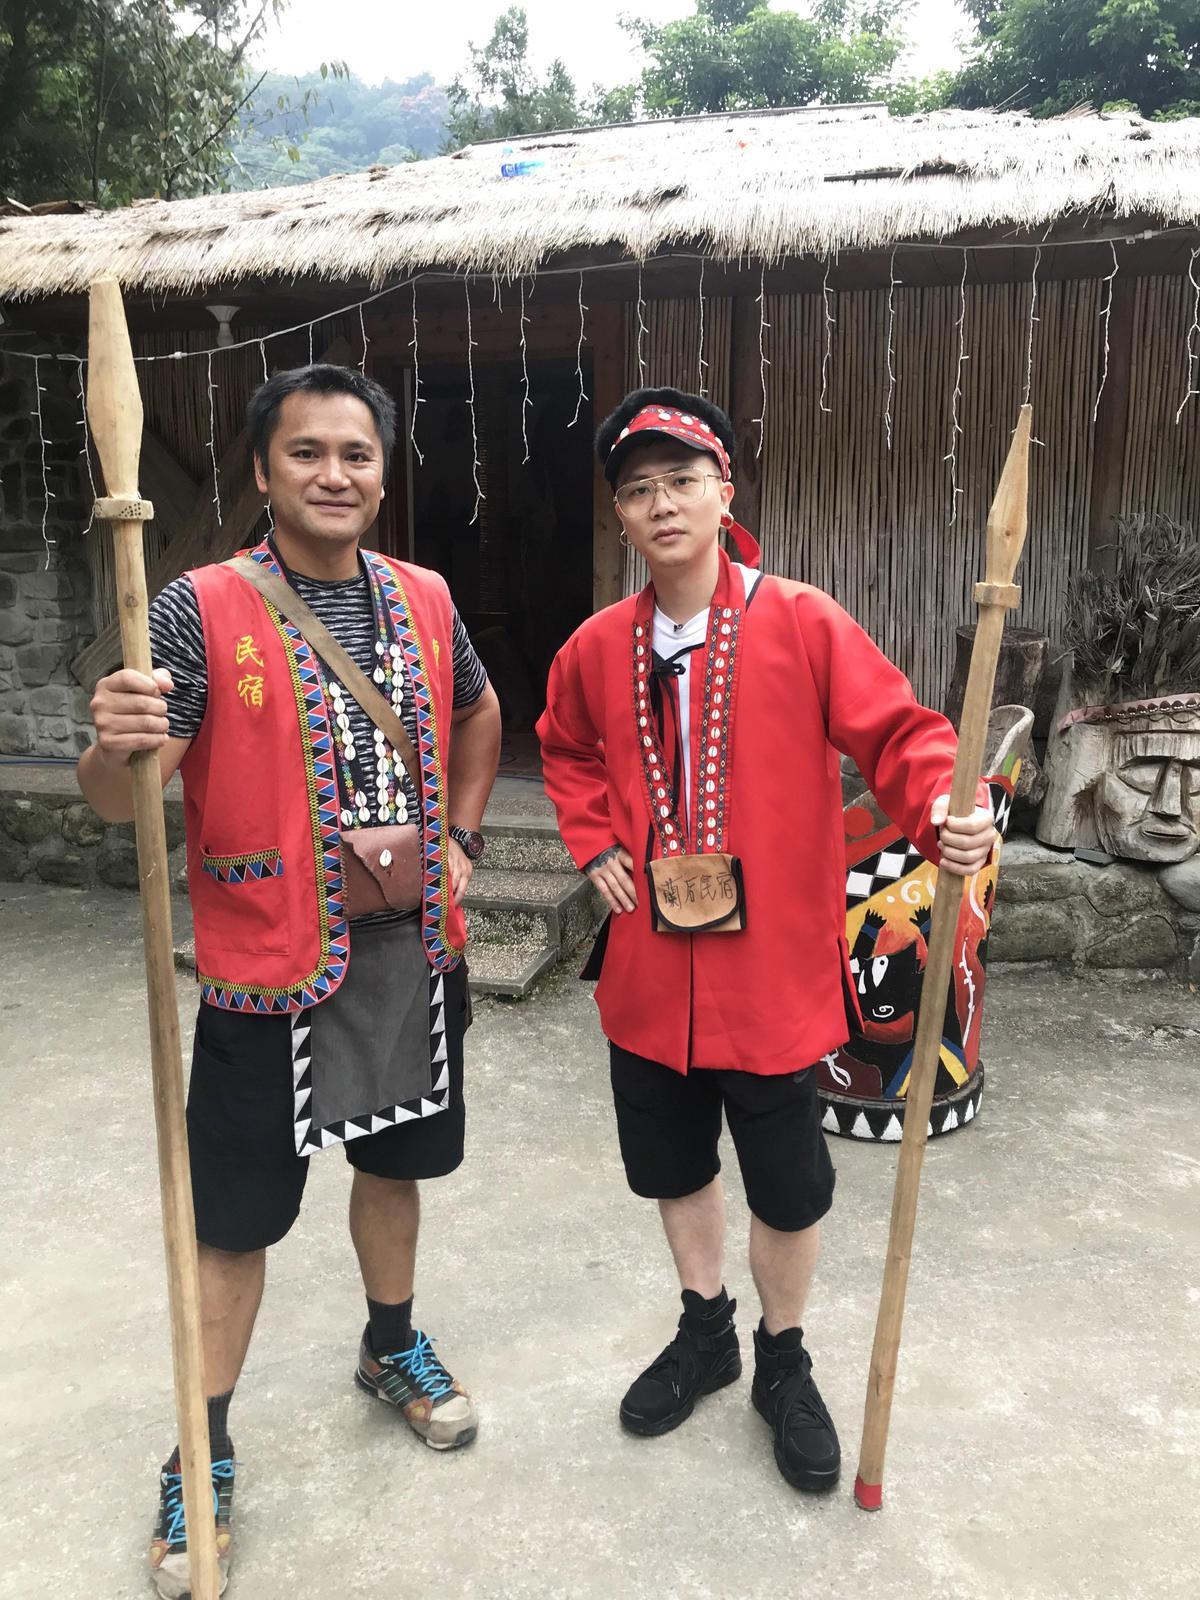 蕭秉治穿上鄒族傳統服飾當幫手,皮膚白皙超違和。(相信音樂提供)